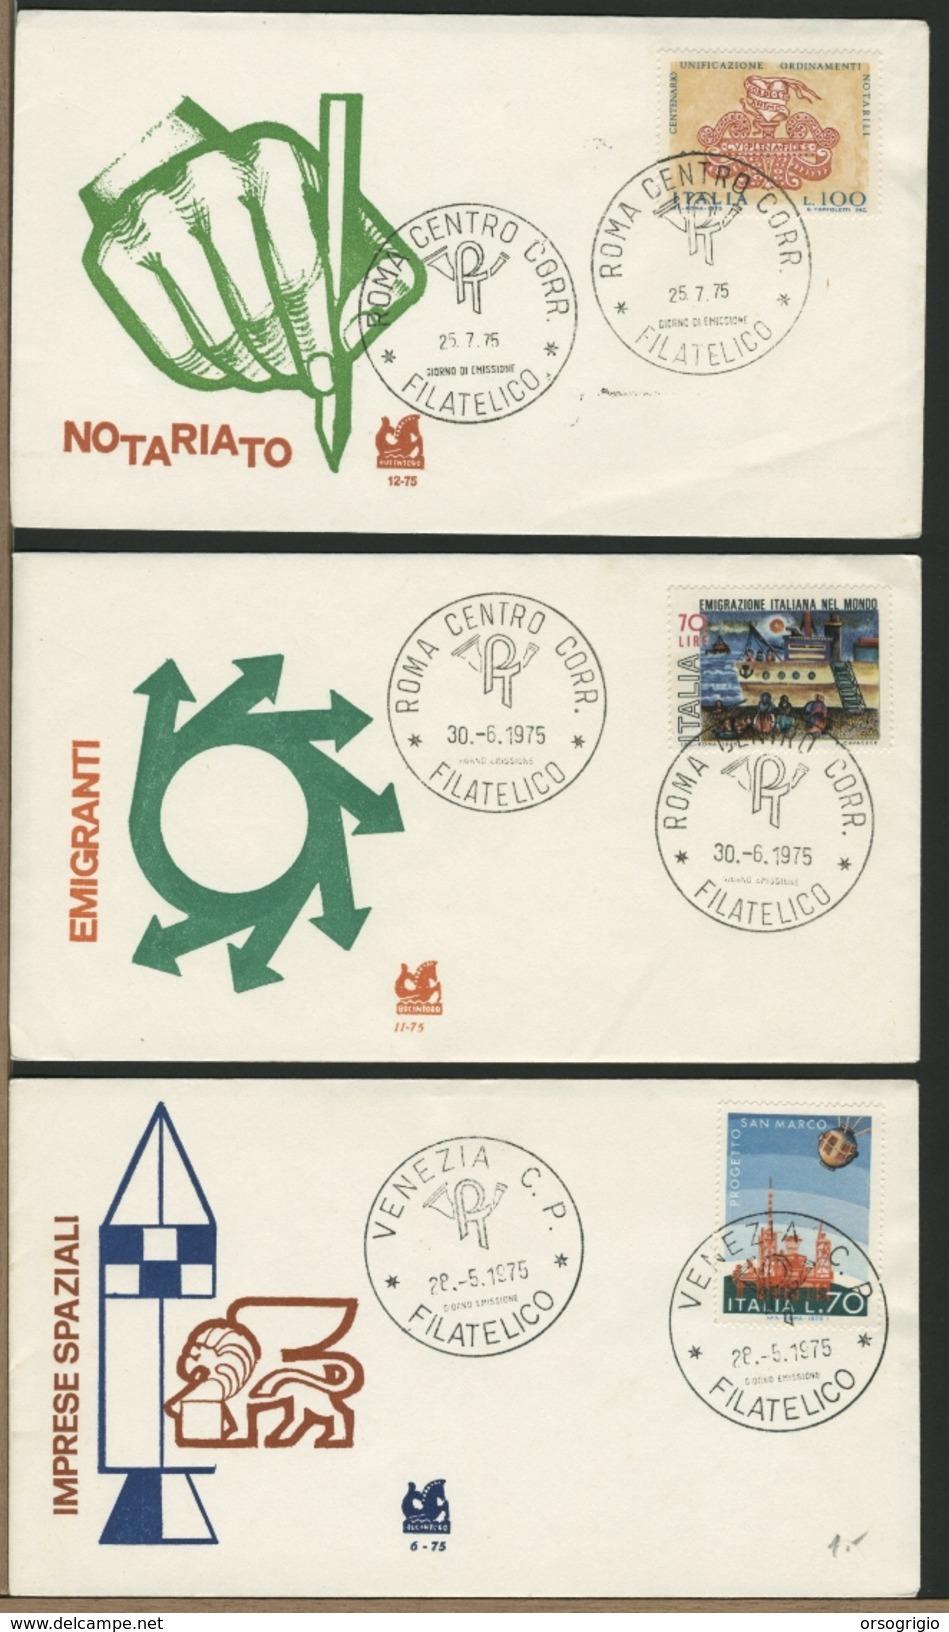 ITALIA - FDC -  PROGETTO SAN MARCO - EMIGRAZIONE - ORDINAMENTI NOTARILI 1975 - FDC